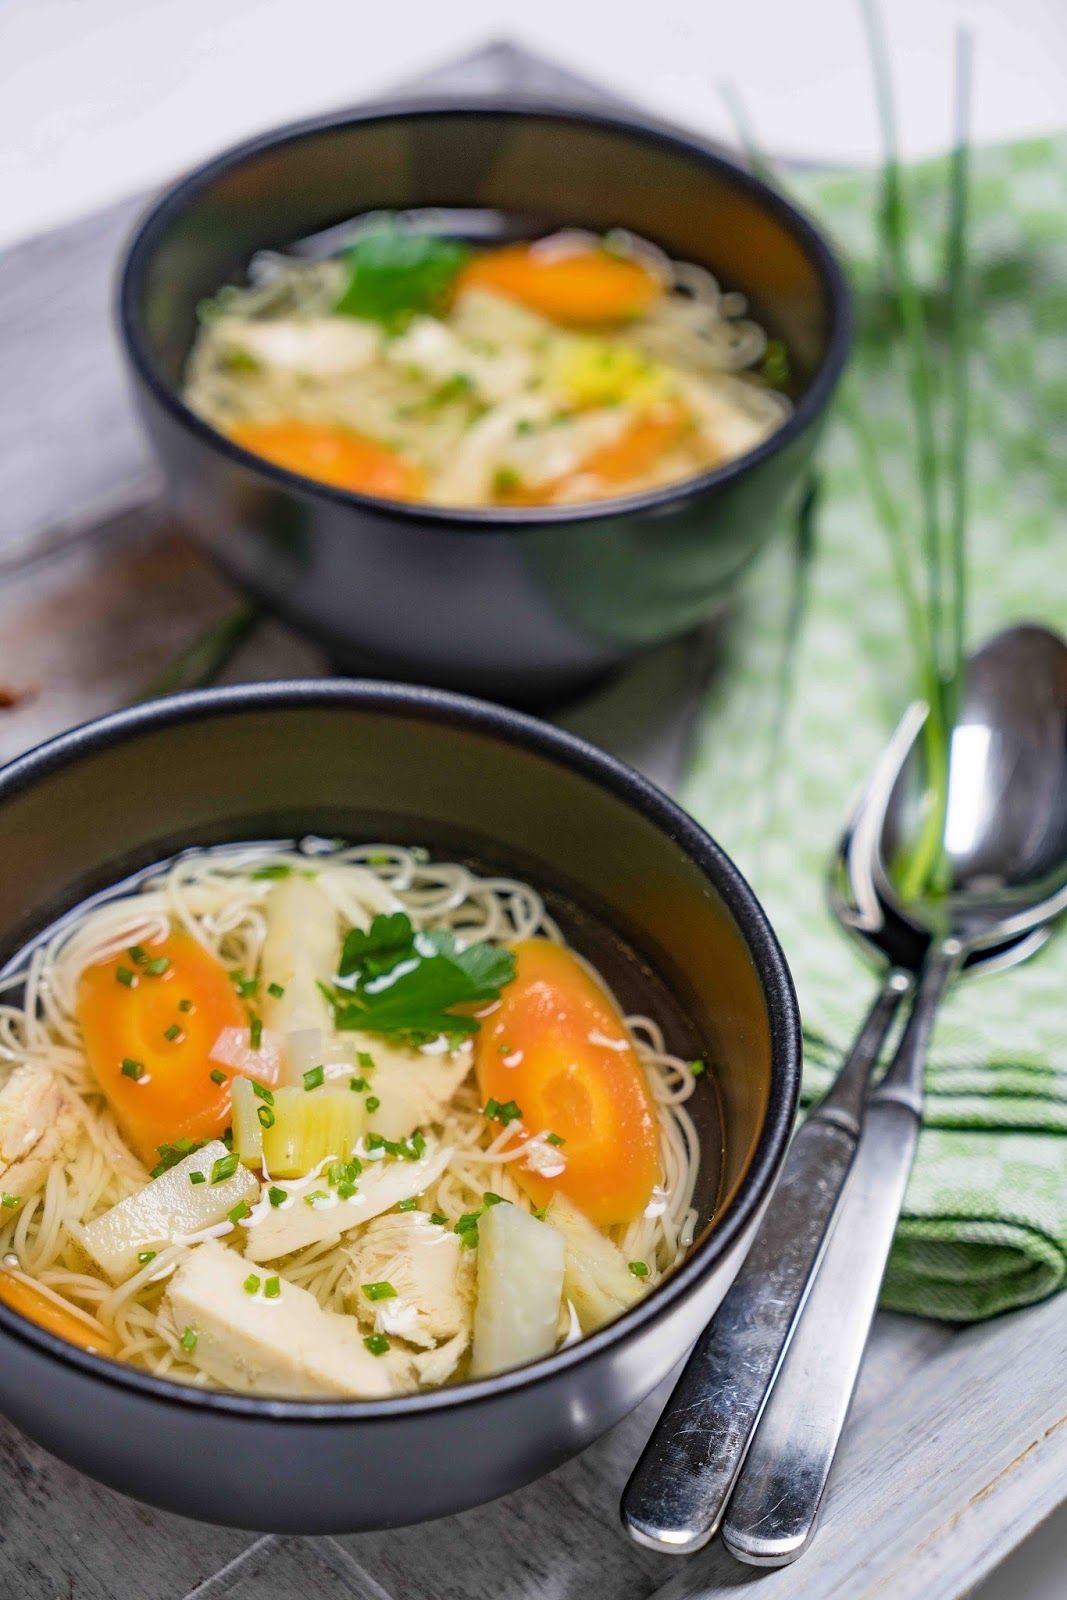 stuttgartcooking: Hühnersuppe mit Gemüse und Nudeln